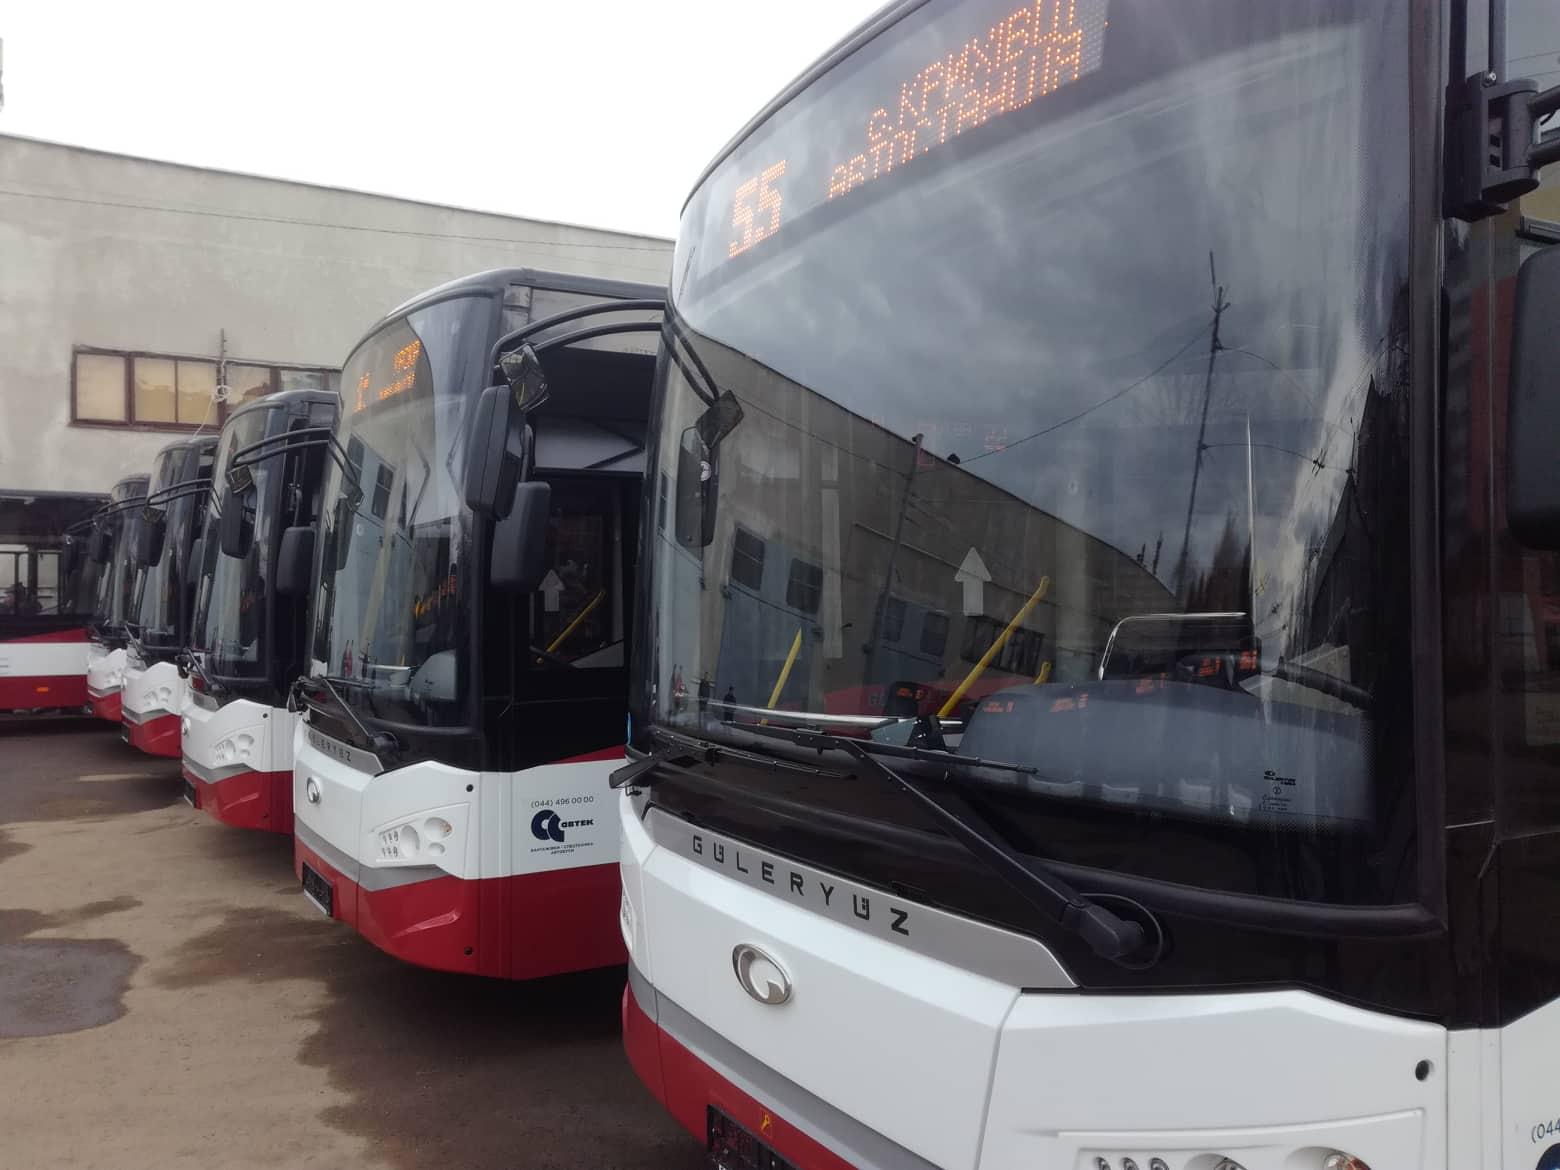 В Івано-Франківську презентували нові турецькі автобуси, які вийдуть на кілька маршрутів (ФОТО)